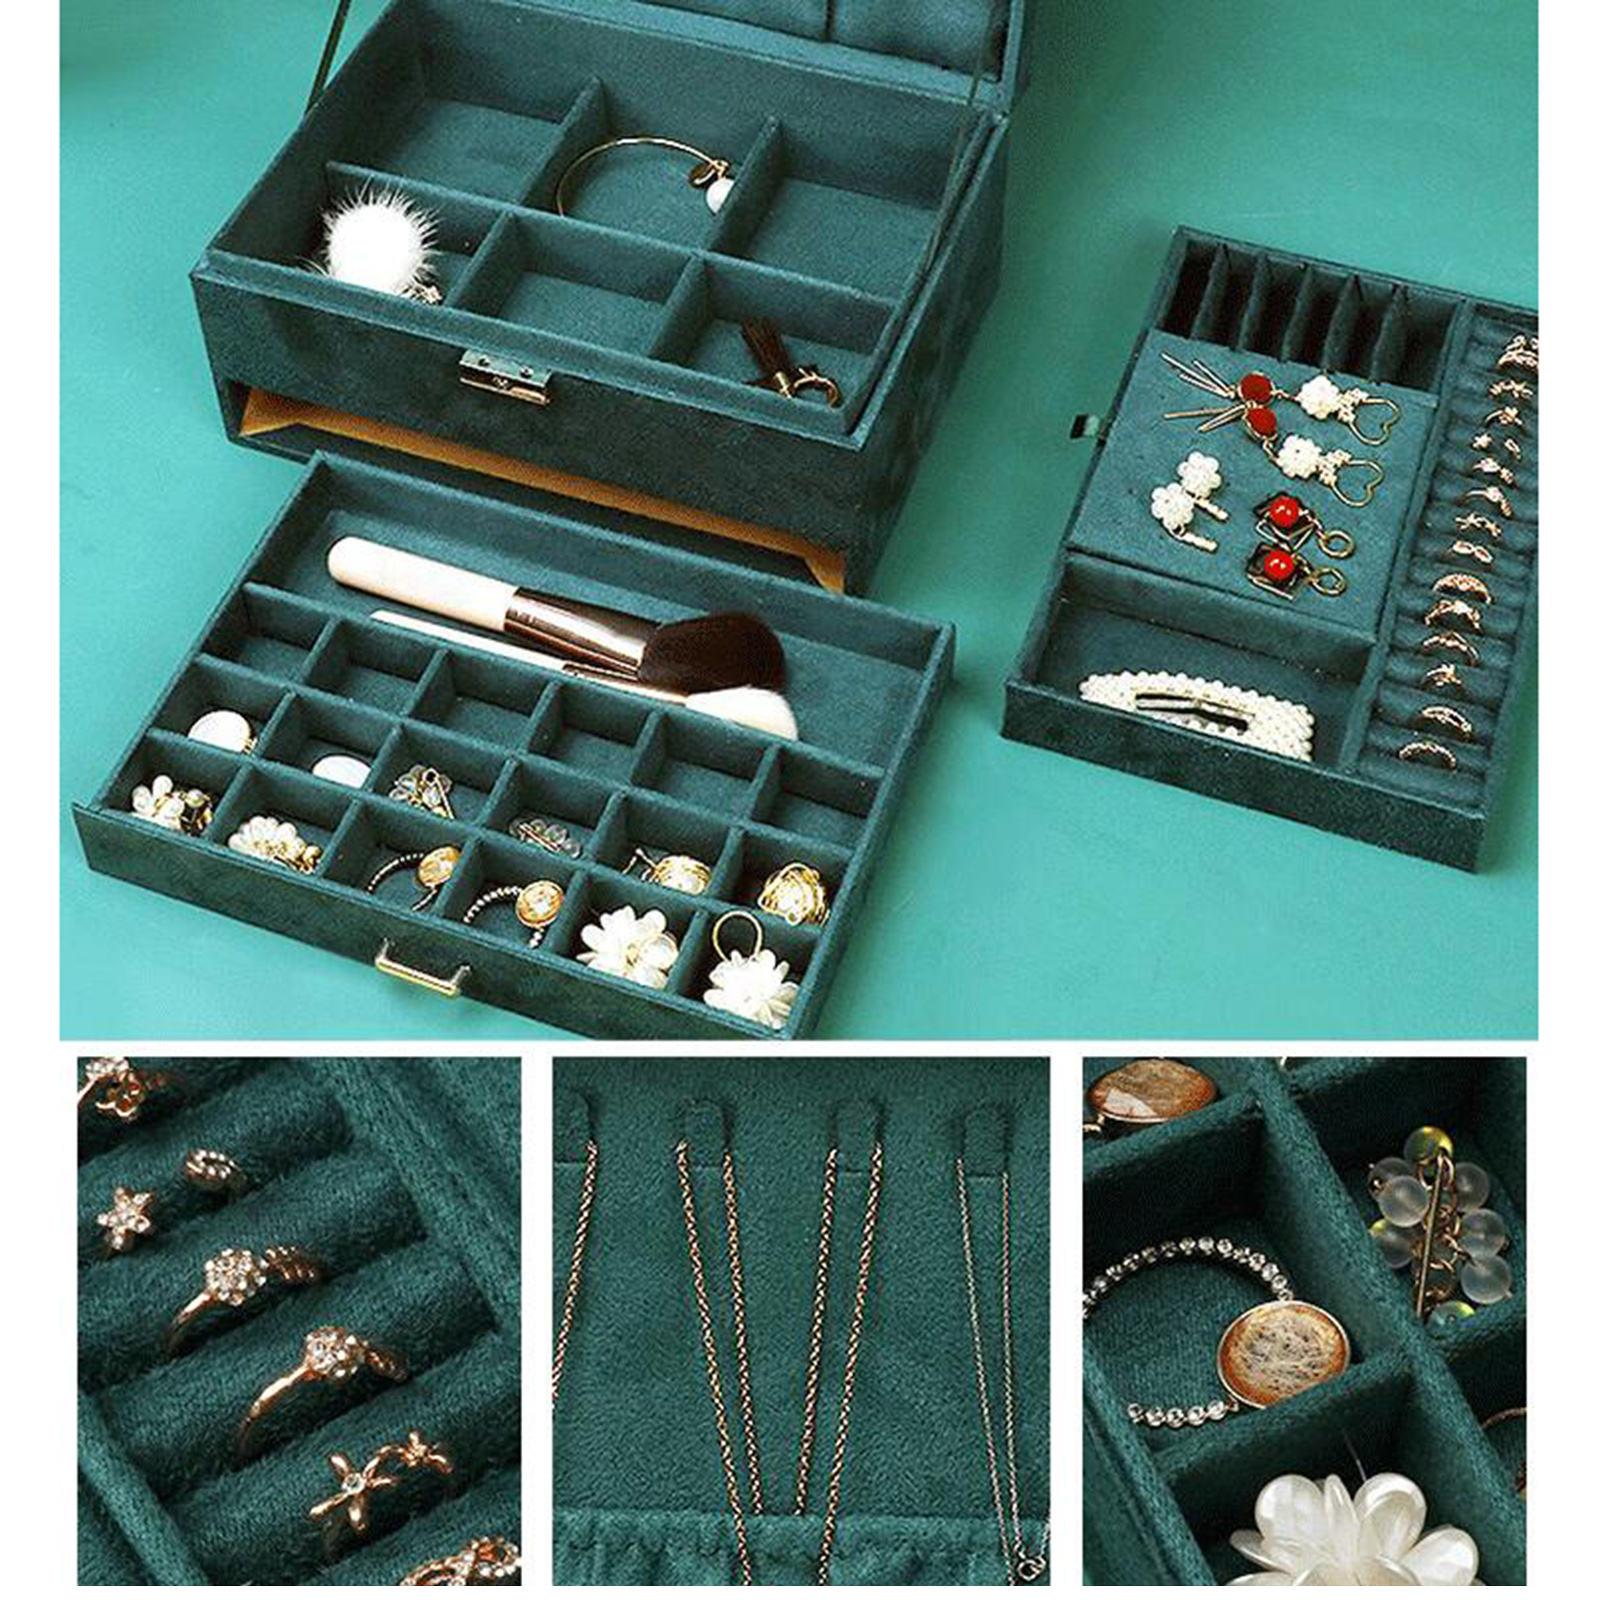 Органайзер-для-ювелирных-изделий-3-уровневый-ящик-для-часов-искусственная-кожа-бокс-для-хранения-чехол-для-девочек